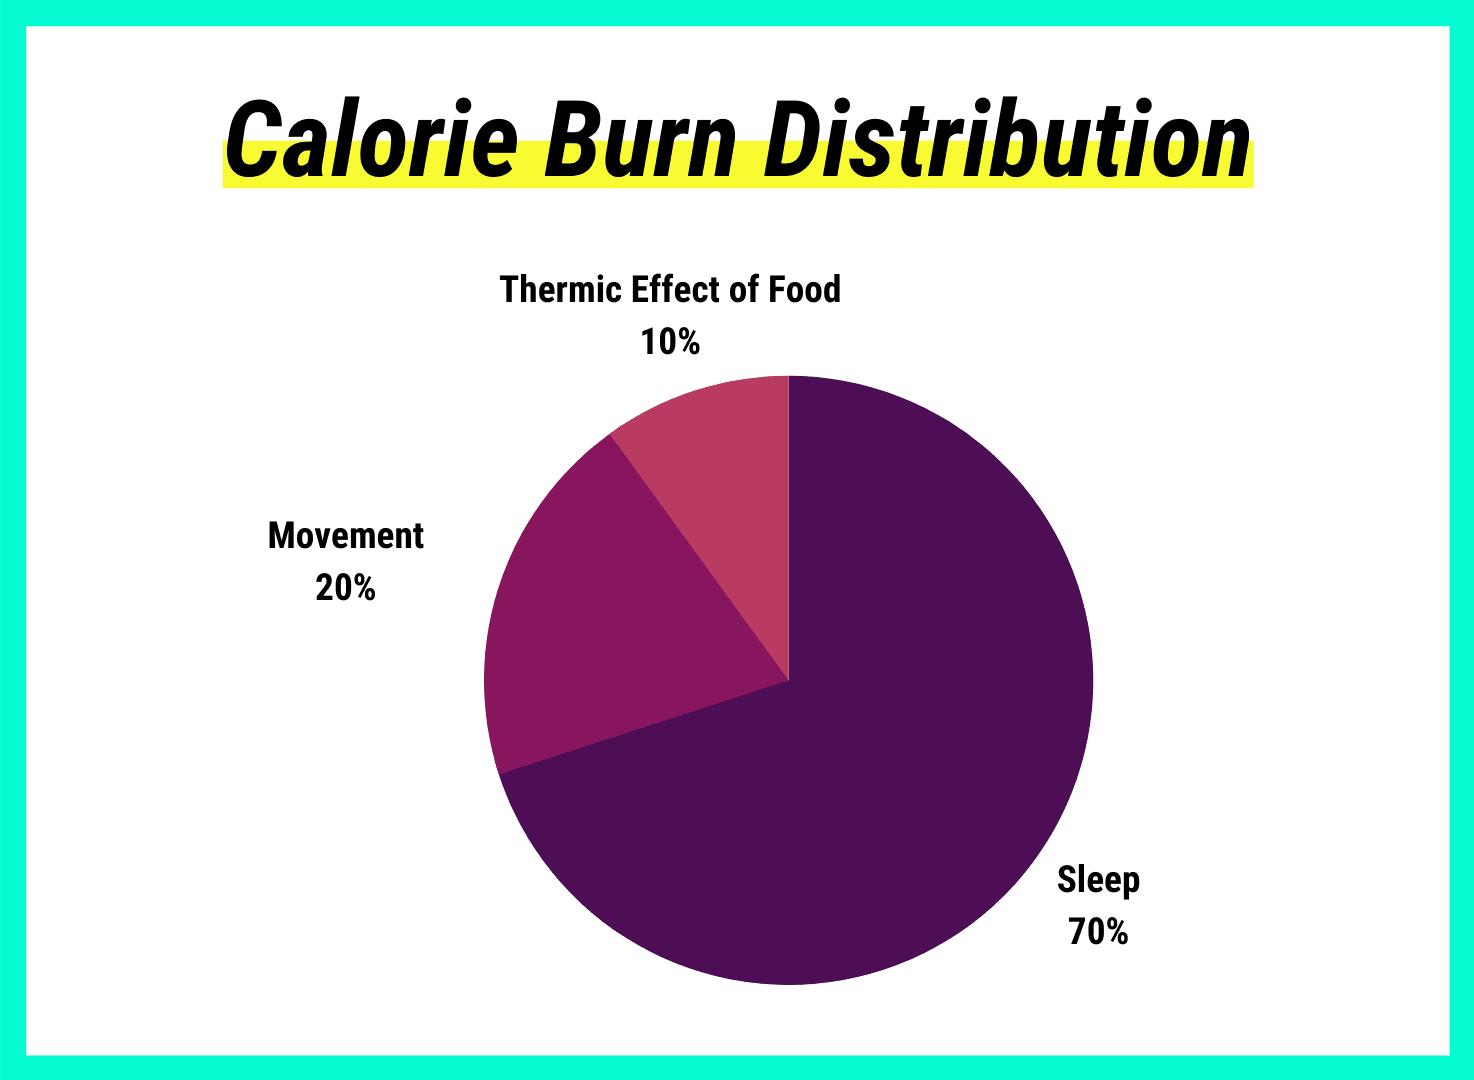 Kreisdiagramm zur Verteilung der Kalorienverbrennung